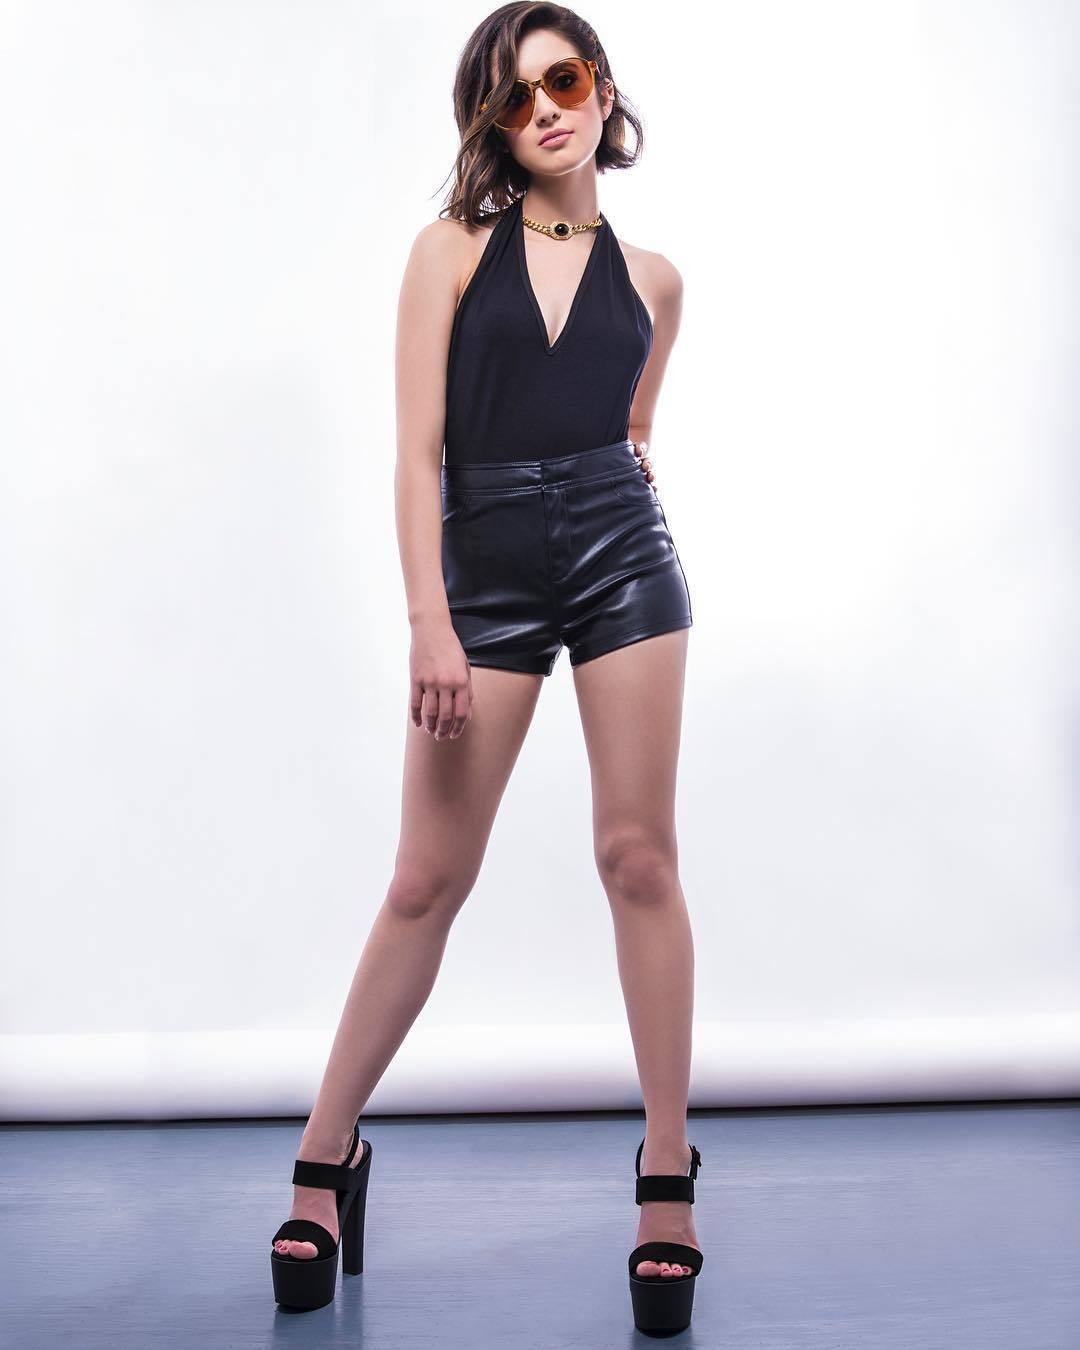 50 Hot Laura Marano Whic Photos - 12Thblog-7137